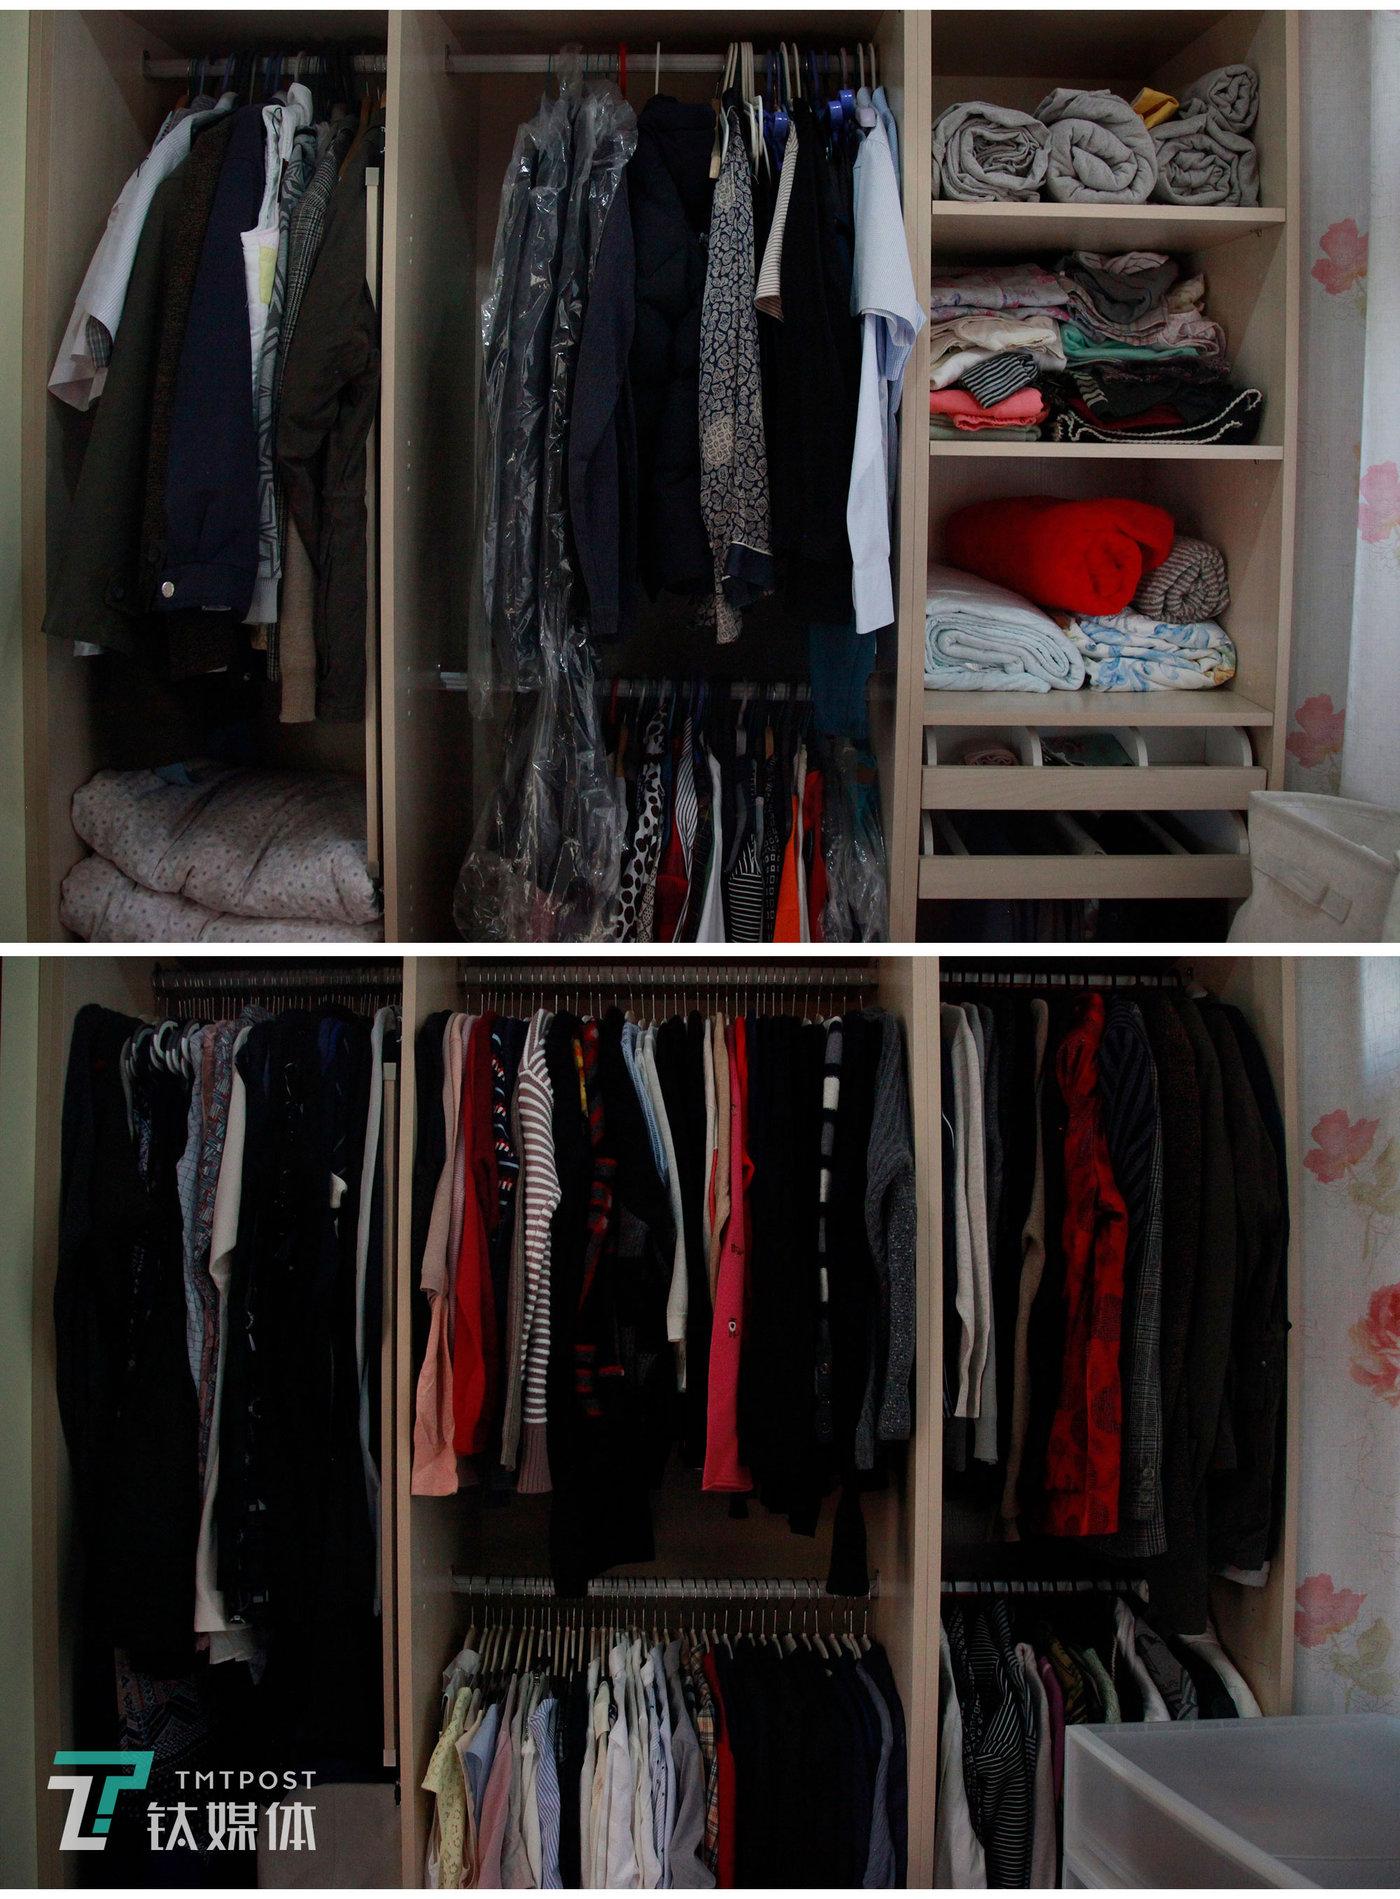 衣橱整理前后局部对比图。